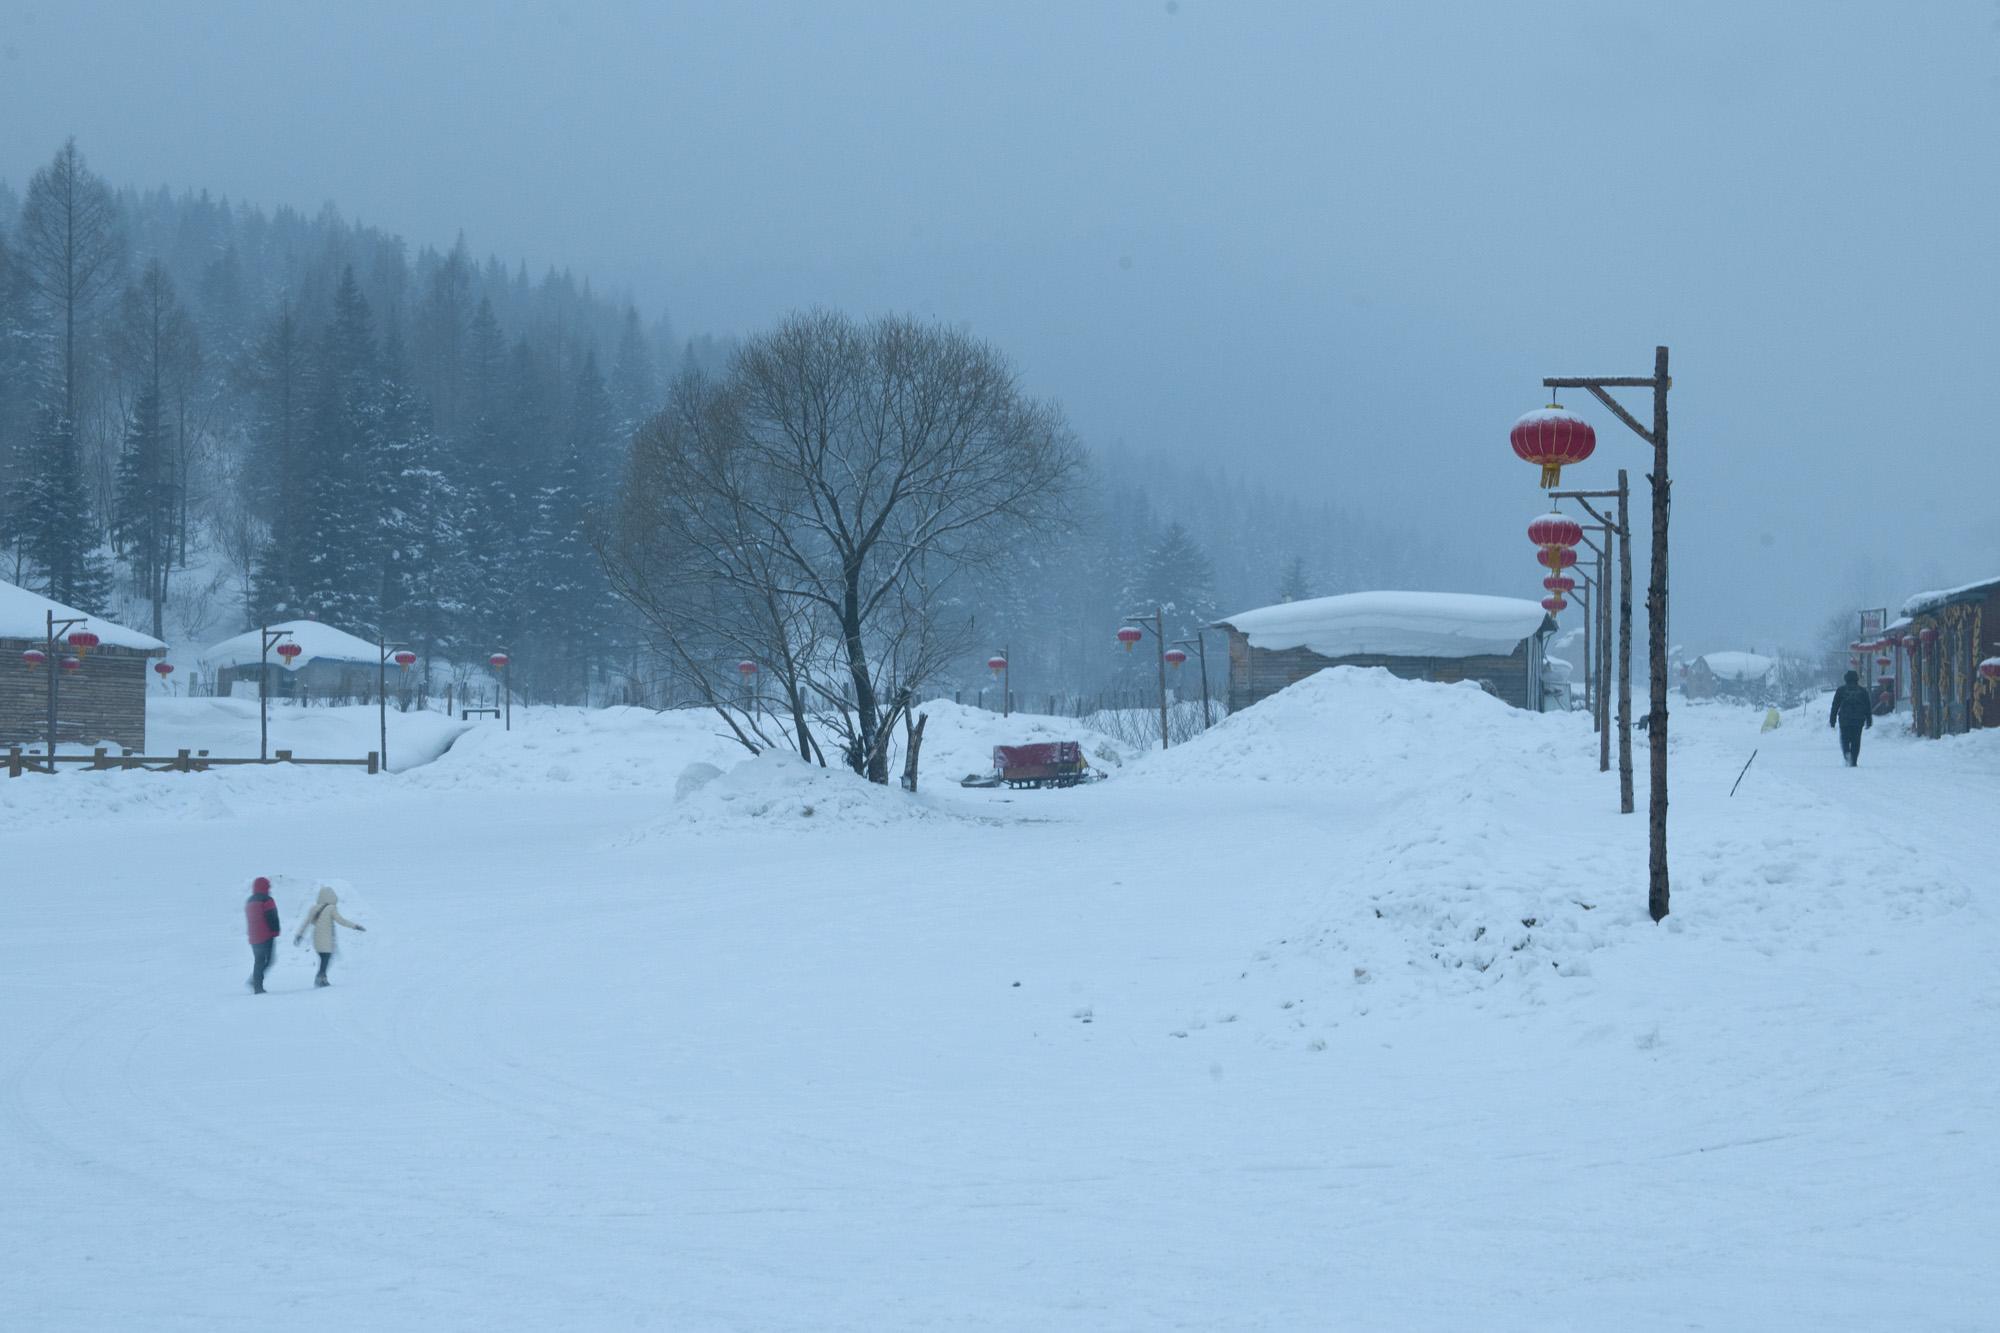 冬季风景微信头像图片大全